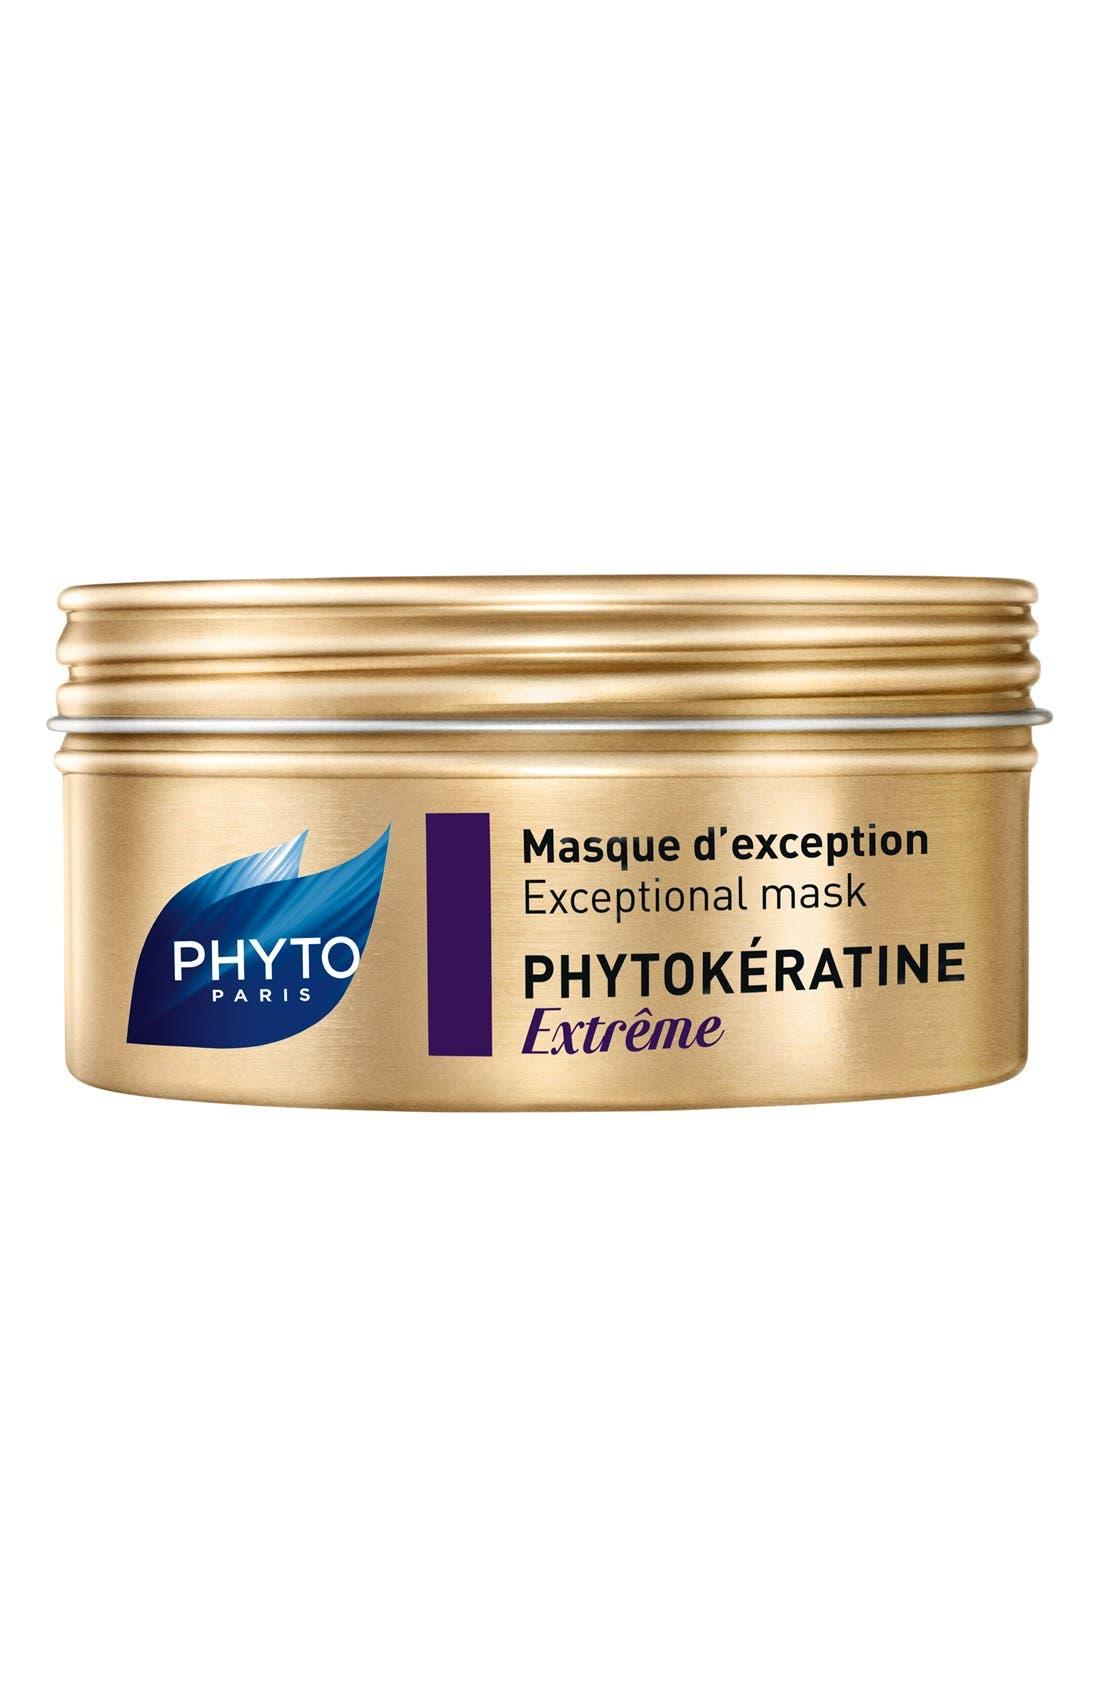 Phytokératine Extrême Exceptional Mask,                             Main thumbnail 1, color,                             NO COLOR